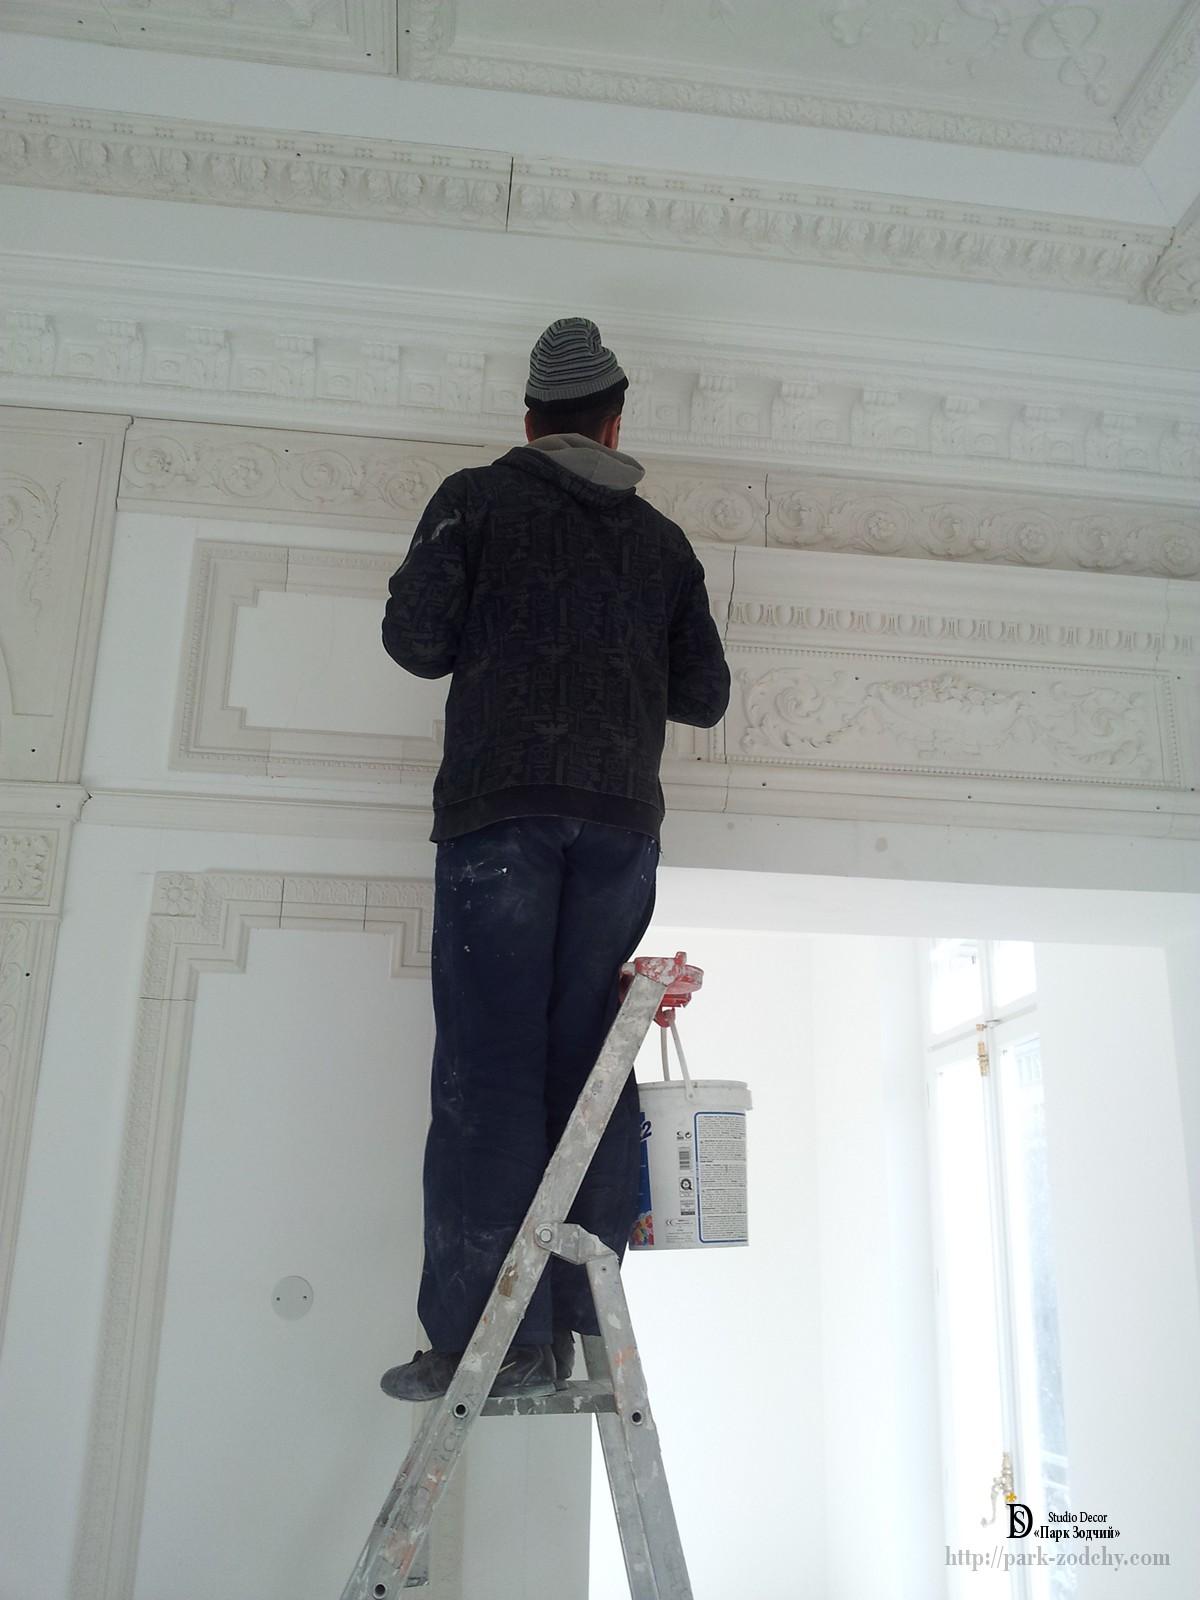 Matang stucco decoration on the wall